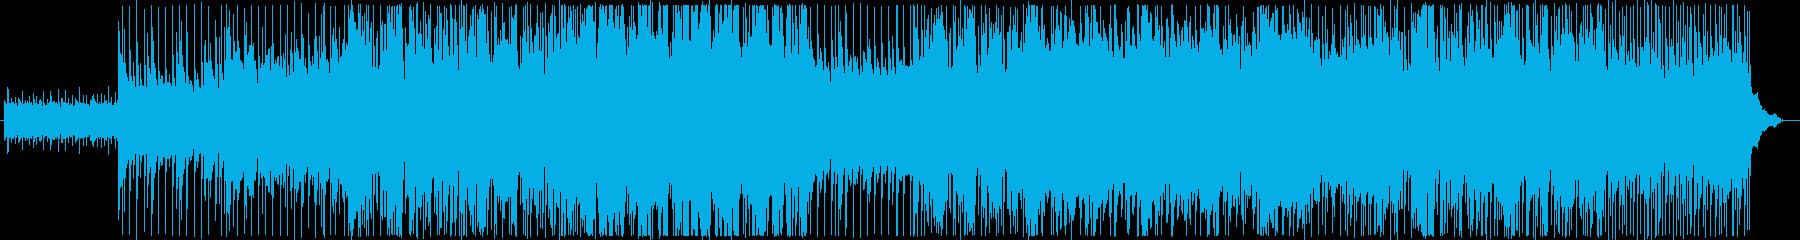 その名を呼べば心震える…。の再生済みの波形